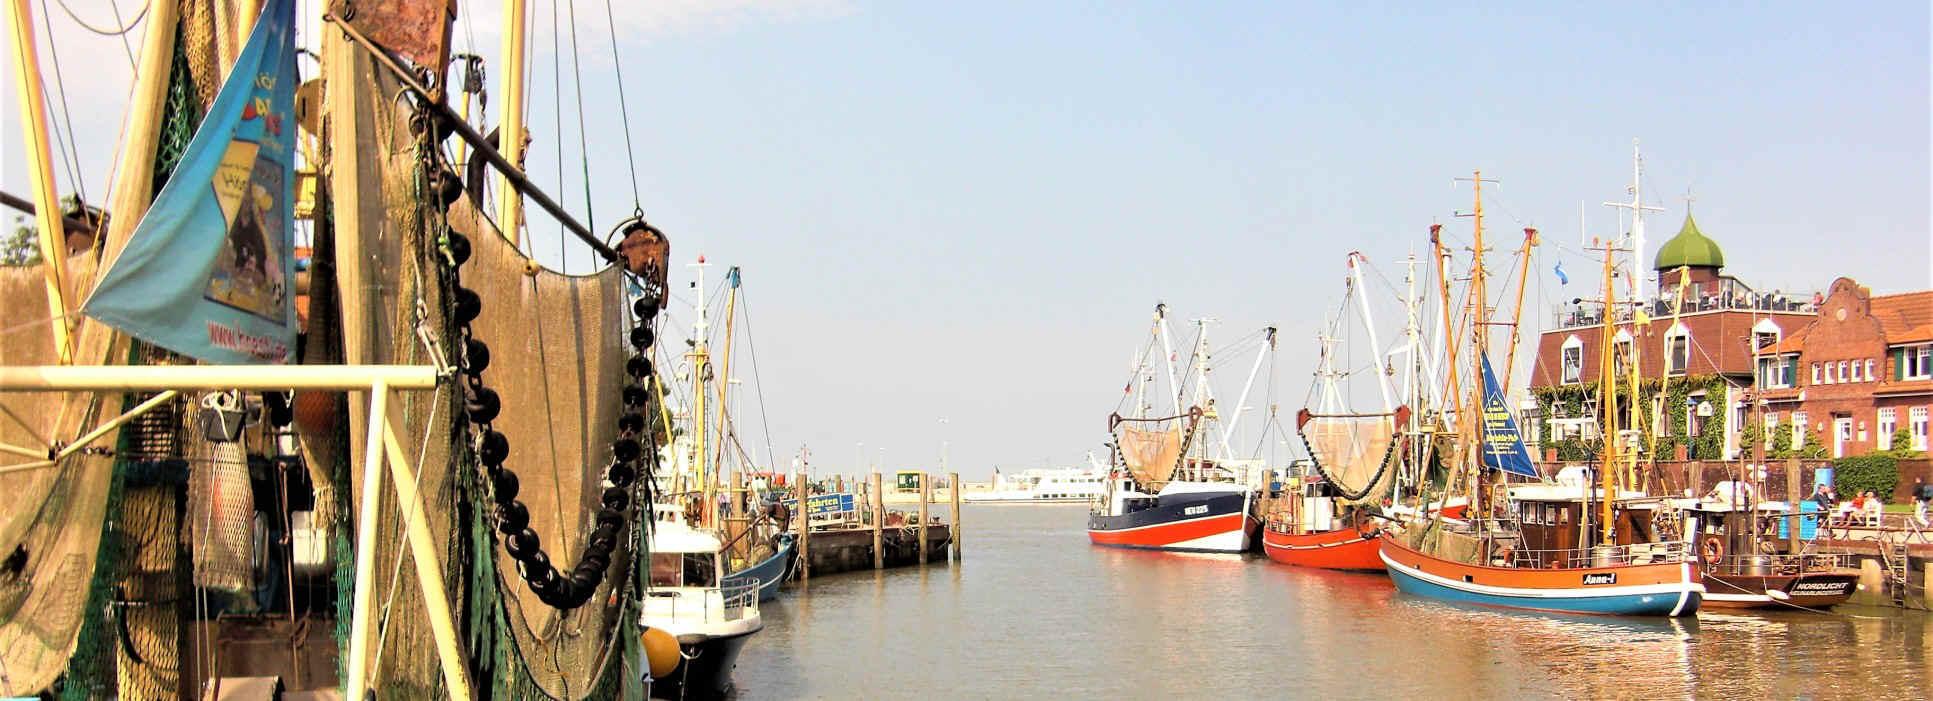 Der Hafen Neuharlingersiel in Ostfriesland